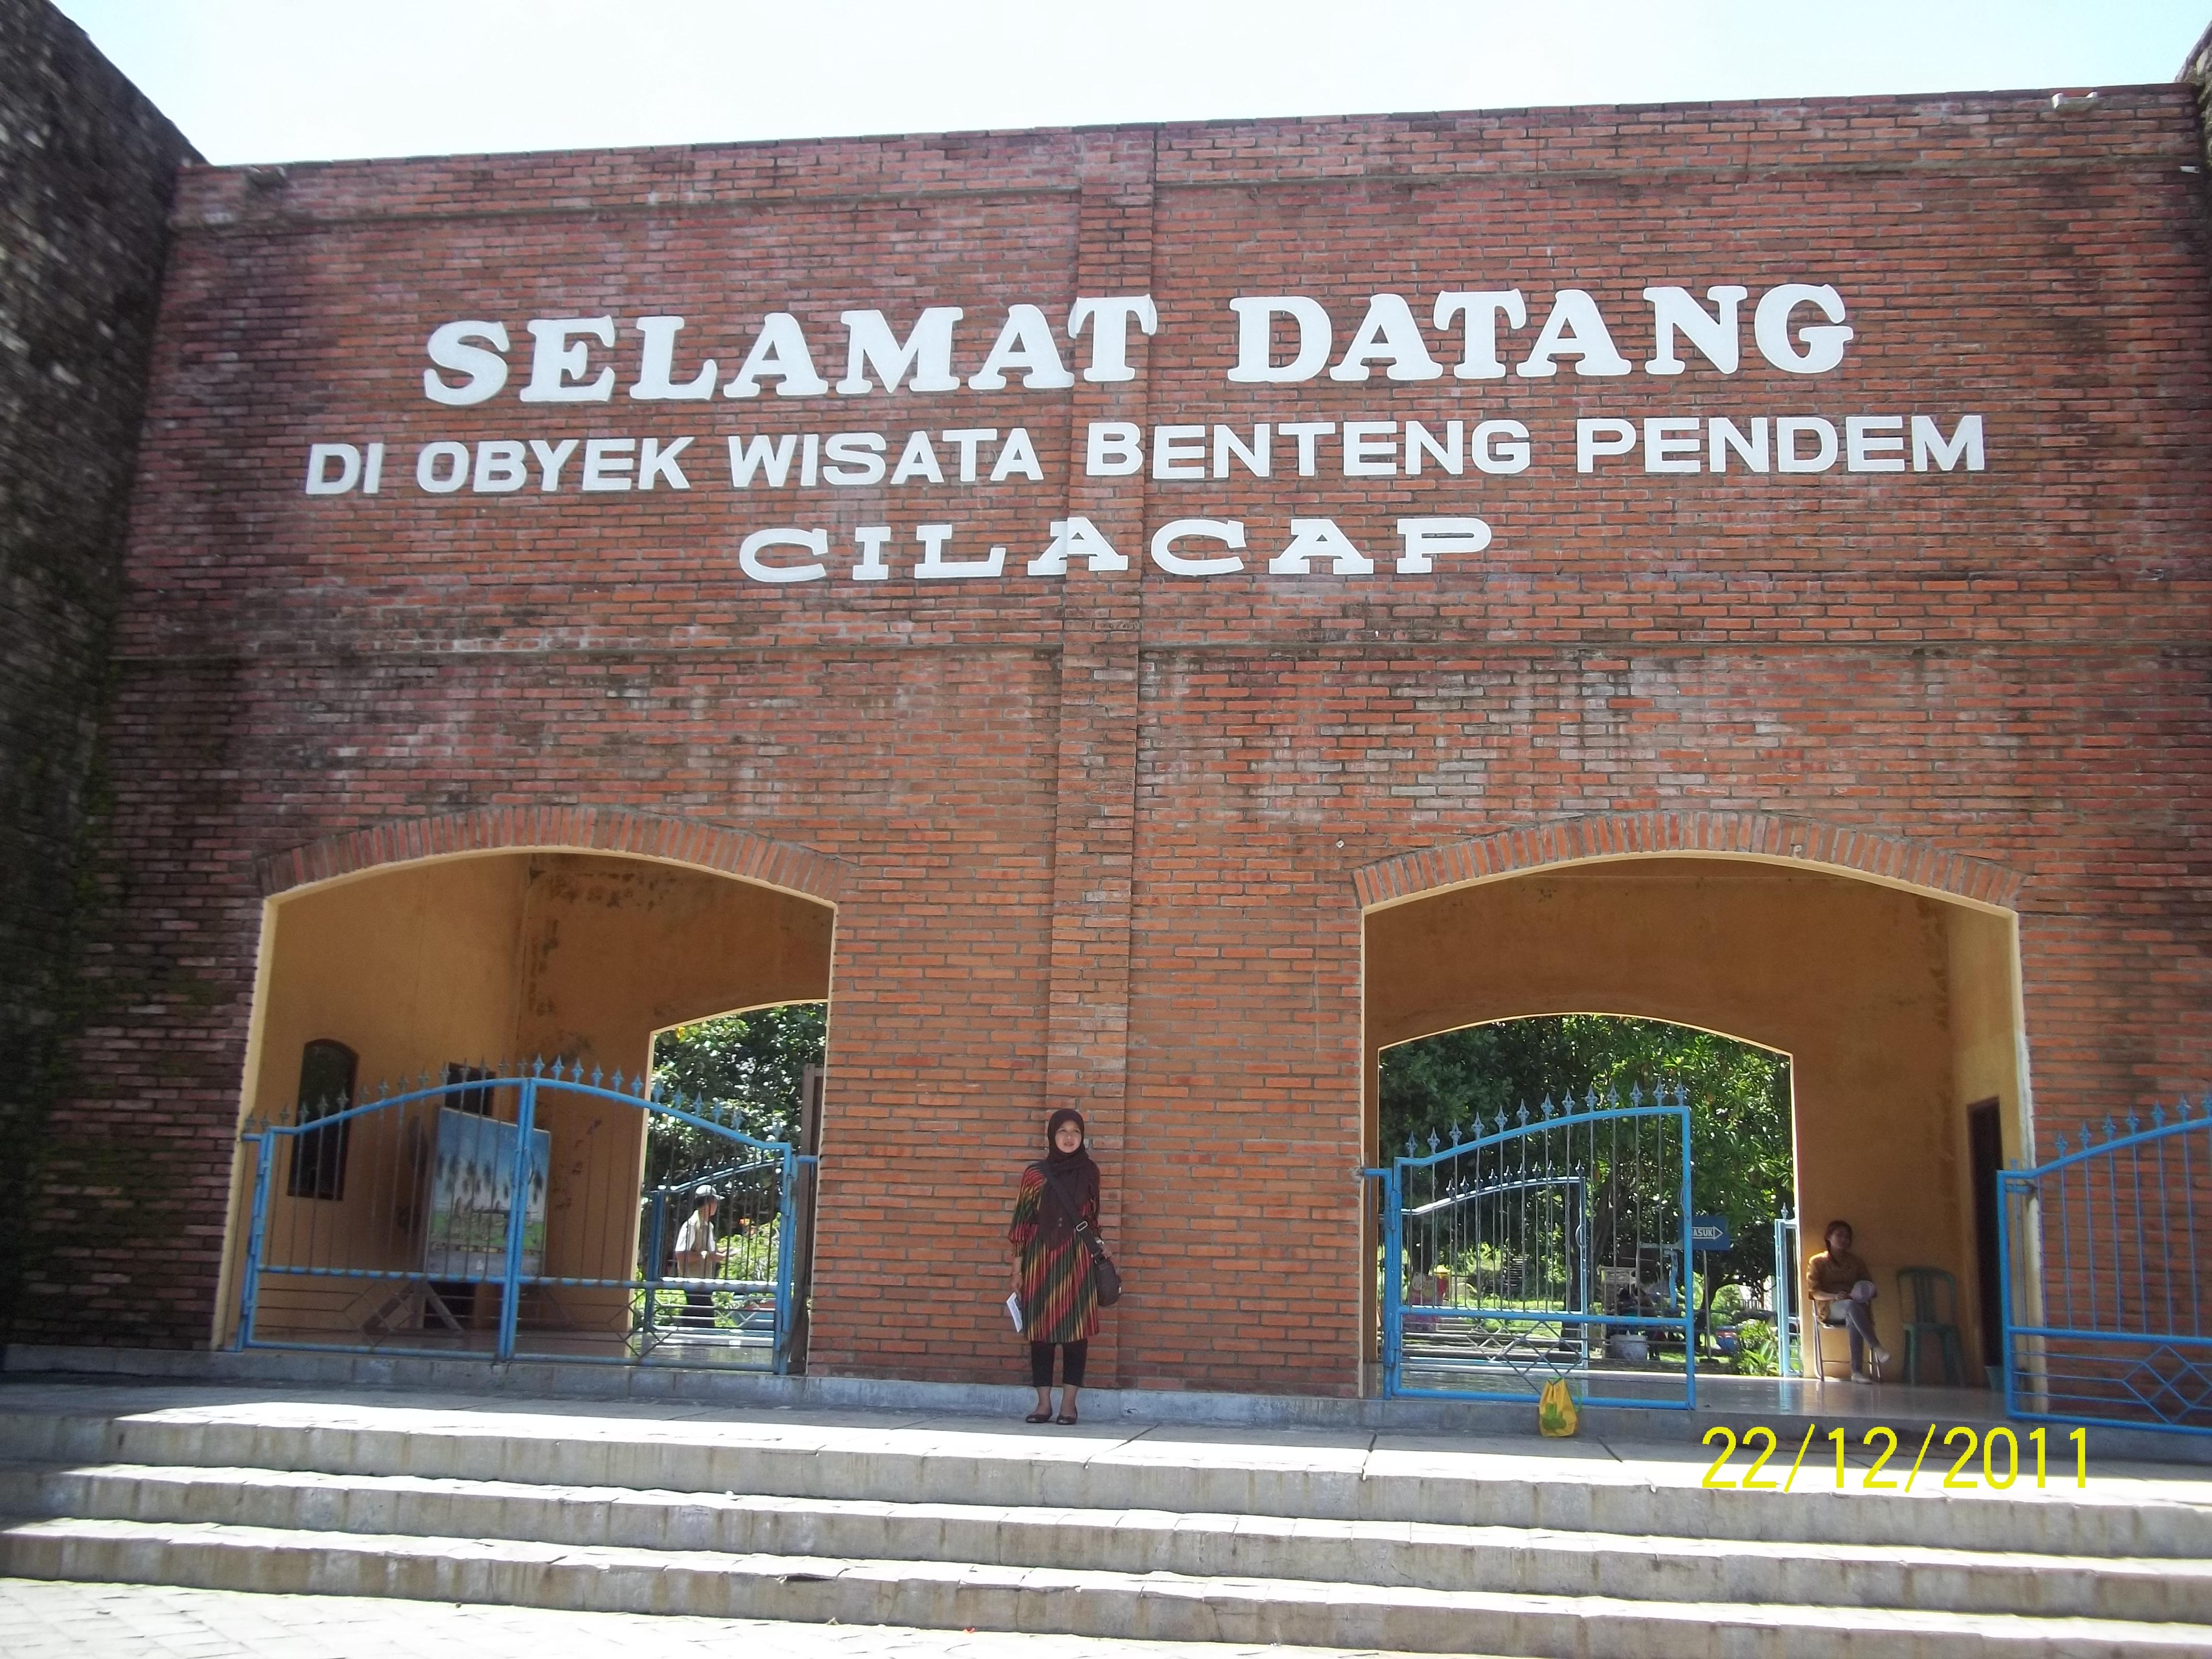 Obyek Wisata Cilacap Bugurusiti Advertisements Teluk Penyu Kab